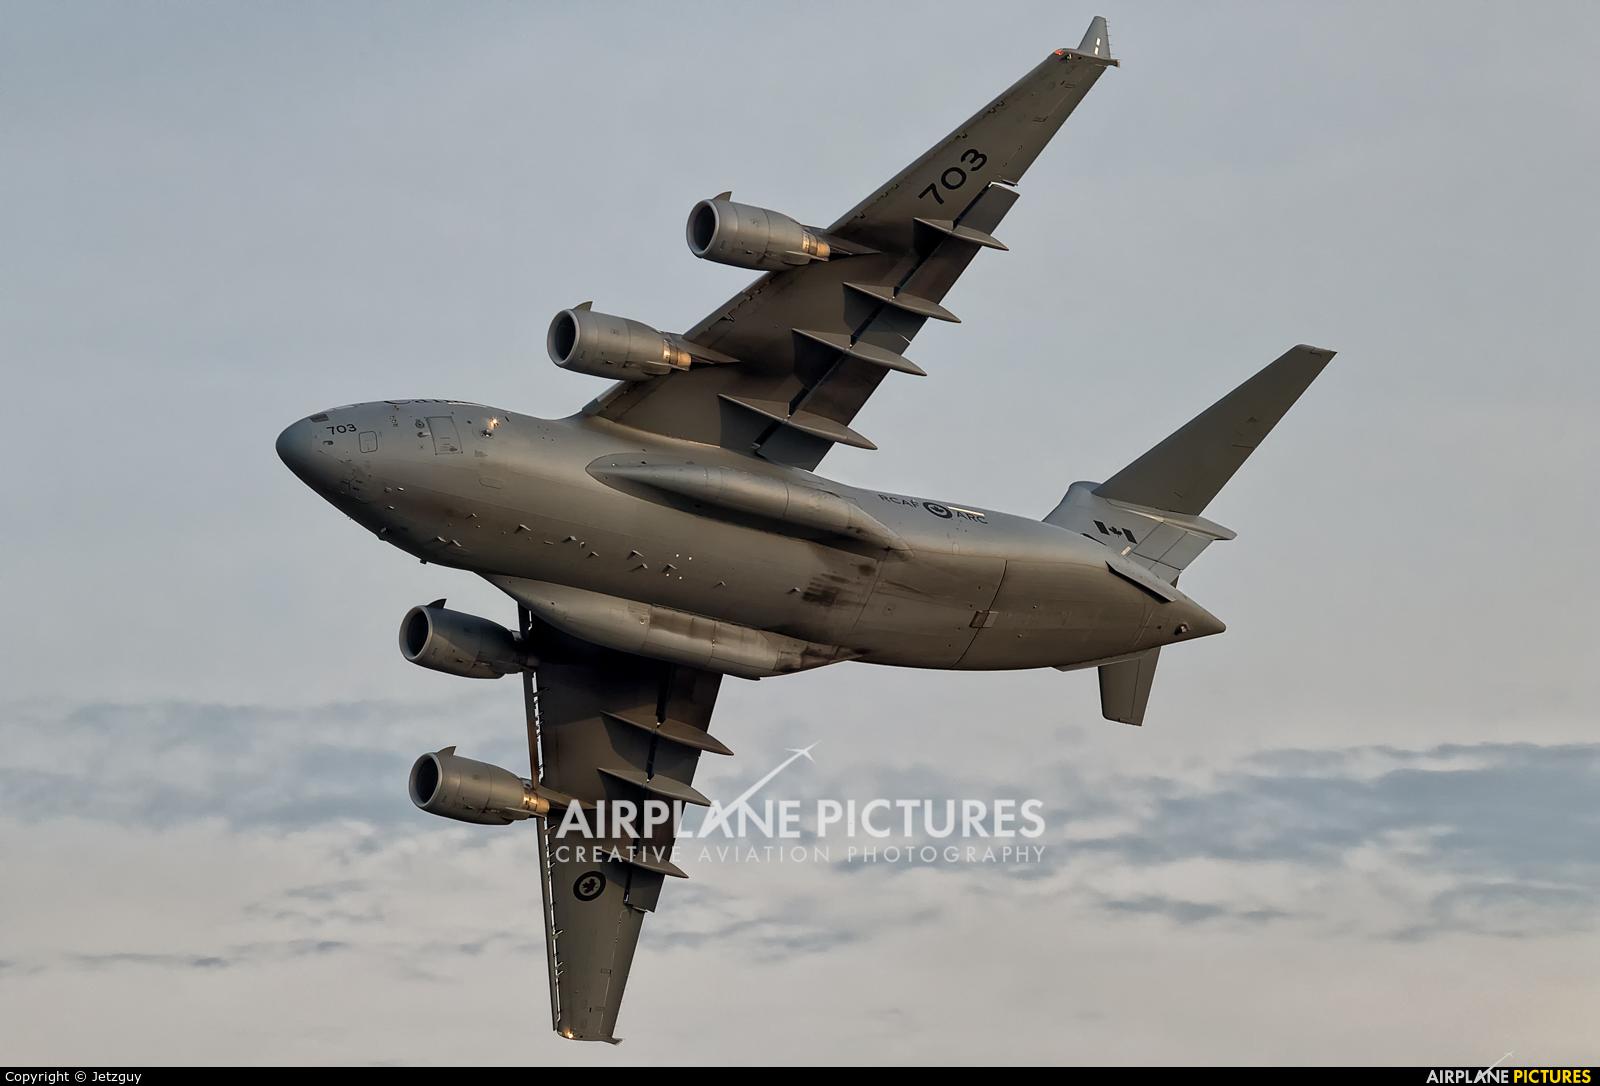 Canada - Air Force 177703 aircraft at Abbotsford, BC